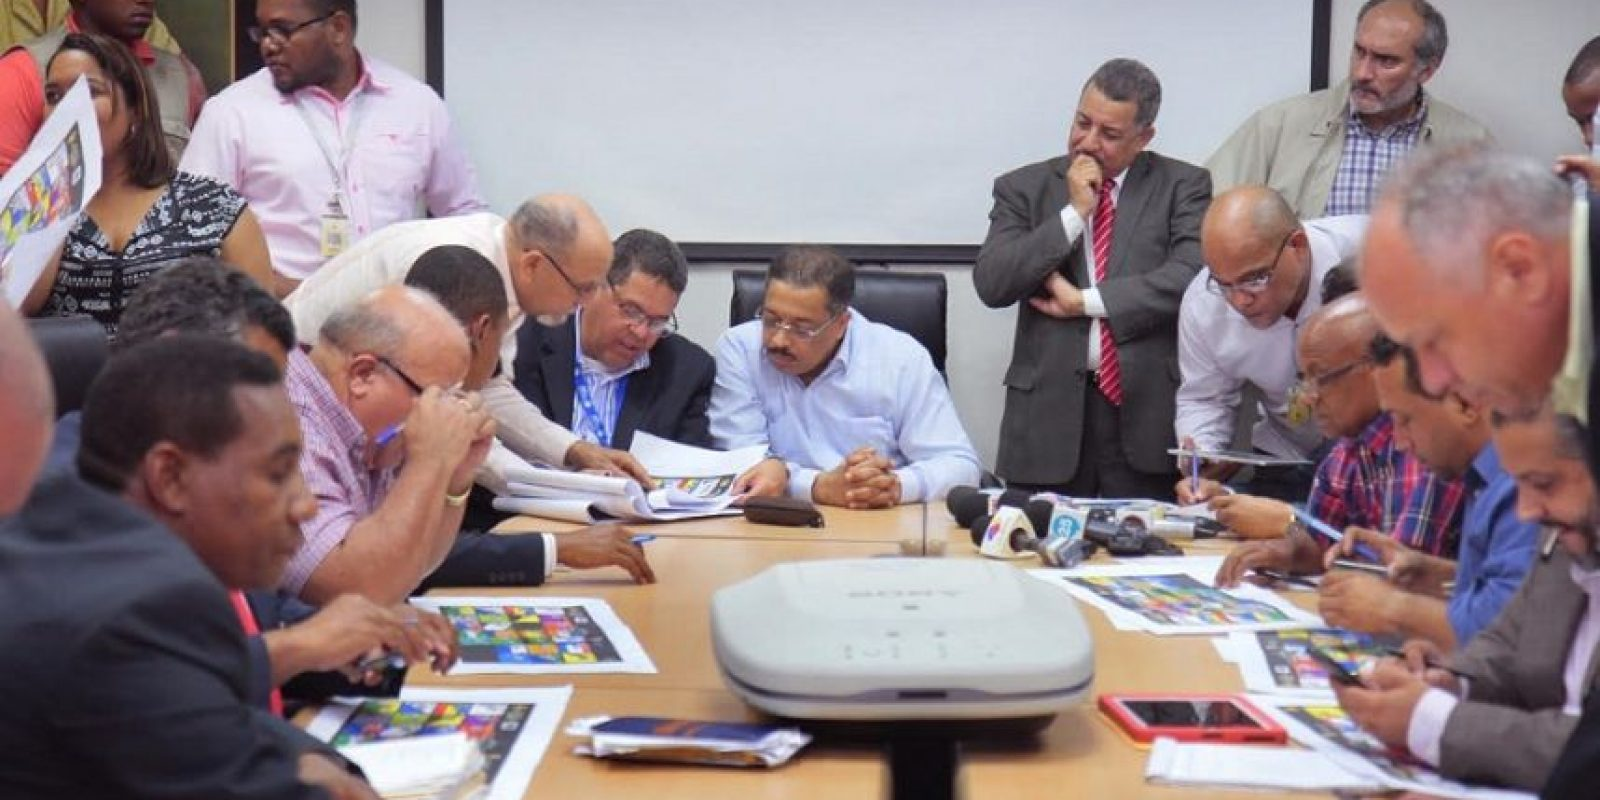 A más de una semana de las elecciones, aún la JCE sigue contando votos. Foto:Fuente externa